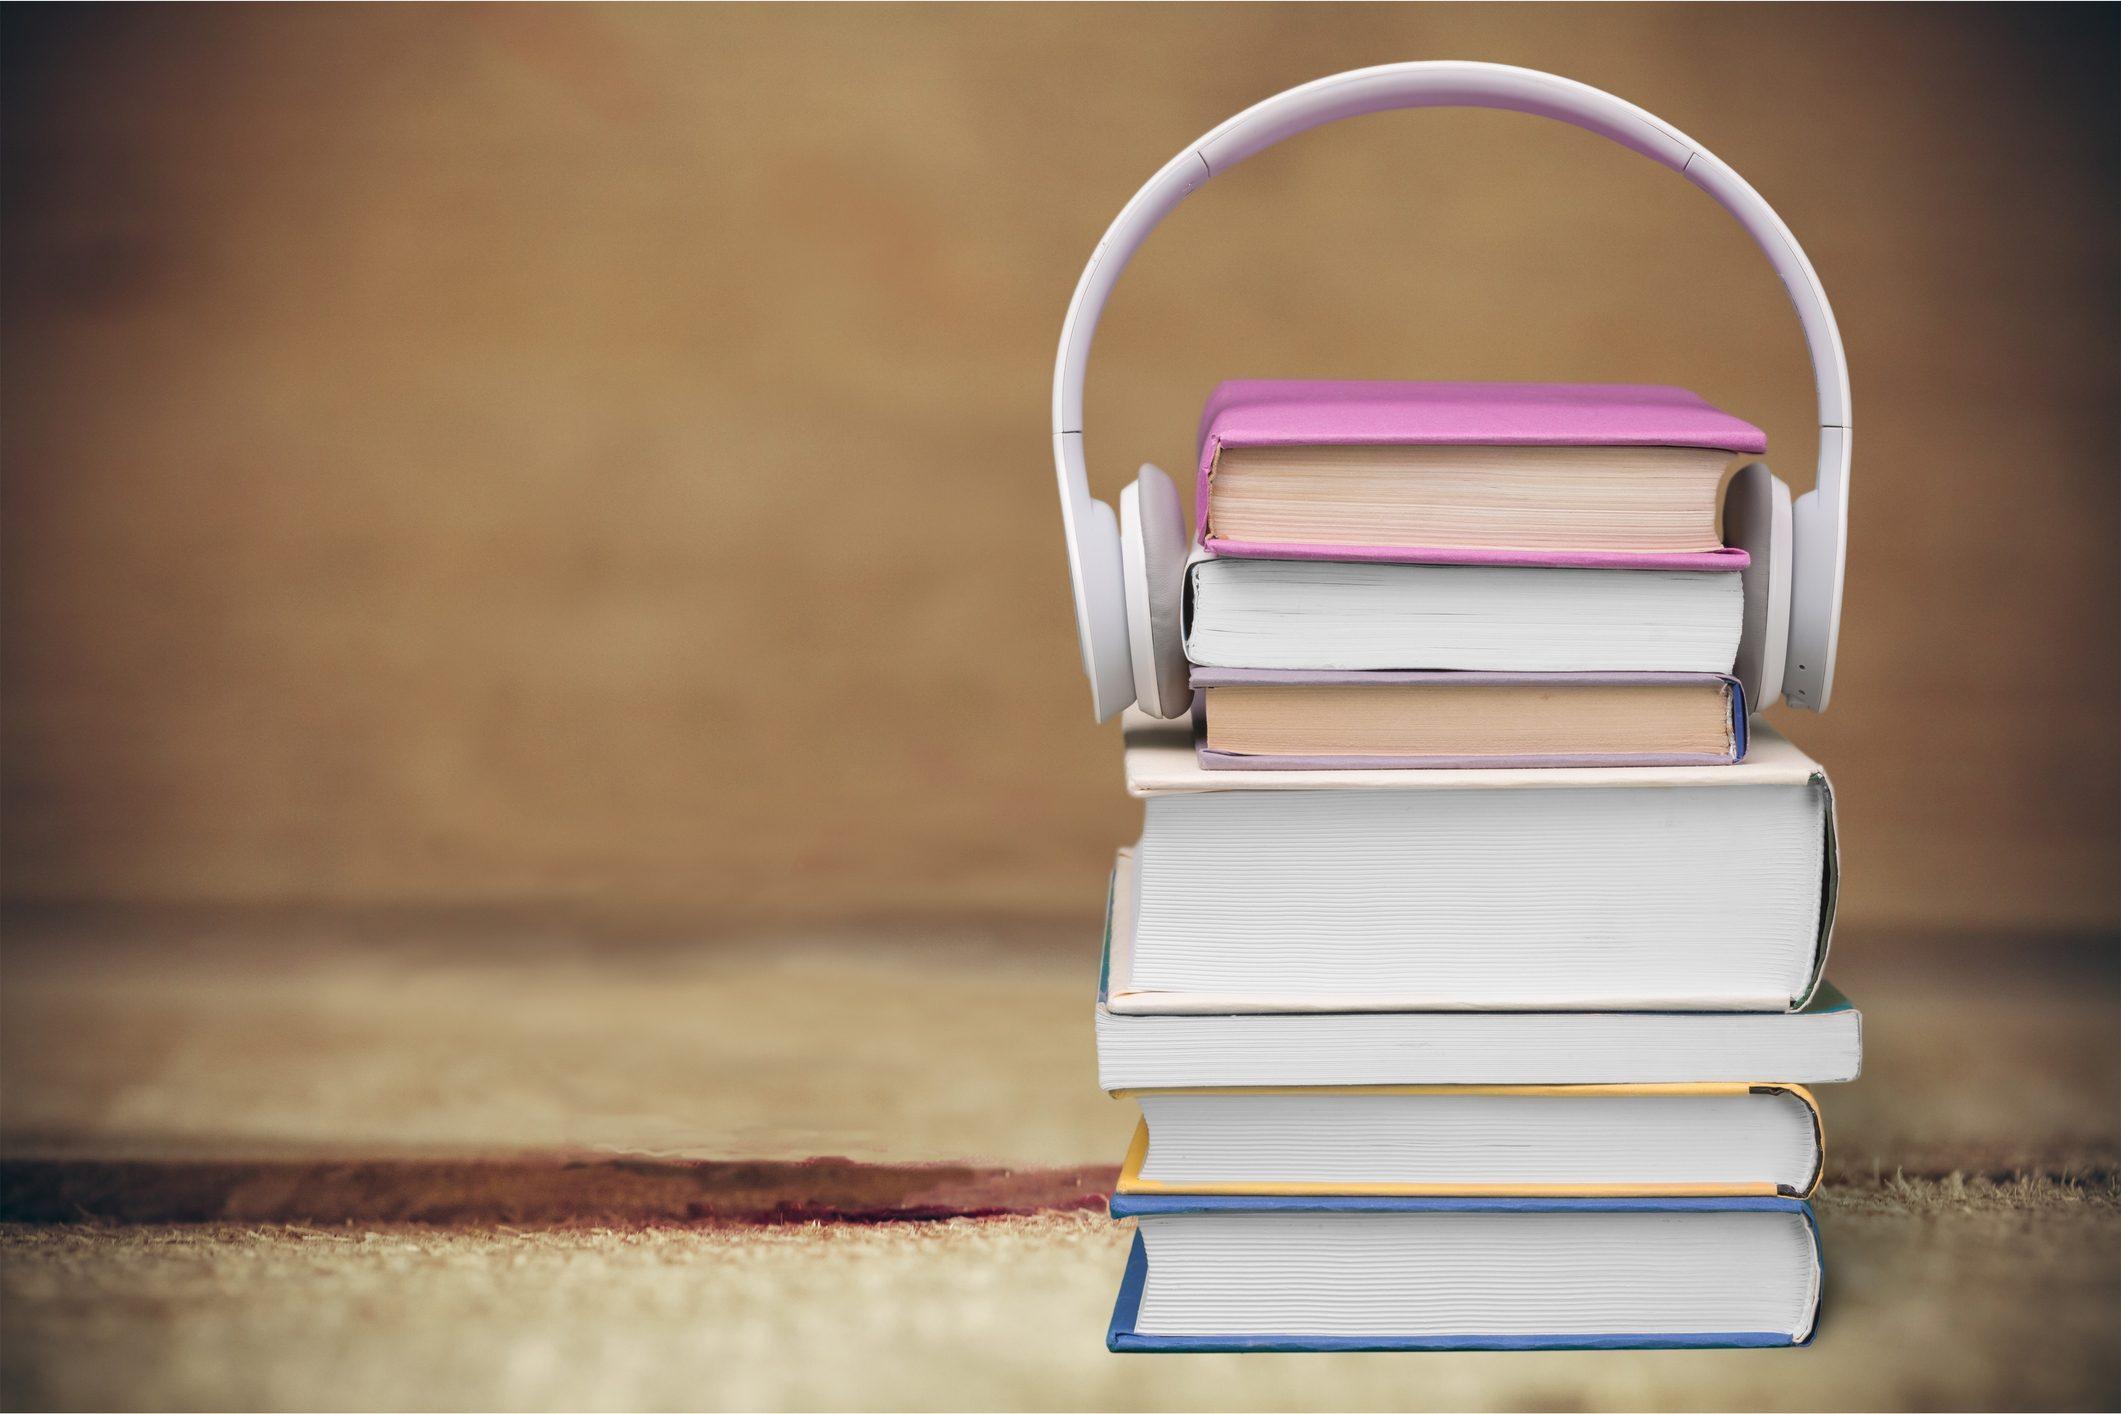 Musica rilassante per studiare 5 autori da ascoltare per for Cuffie antirumore per studiare